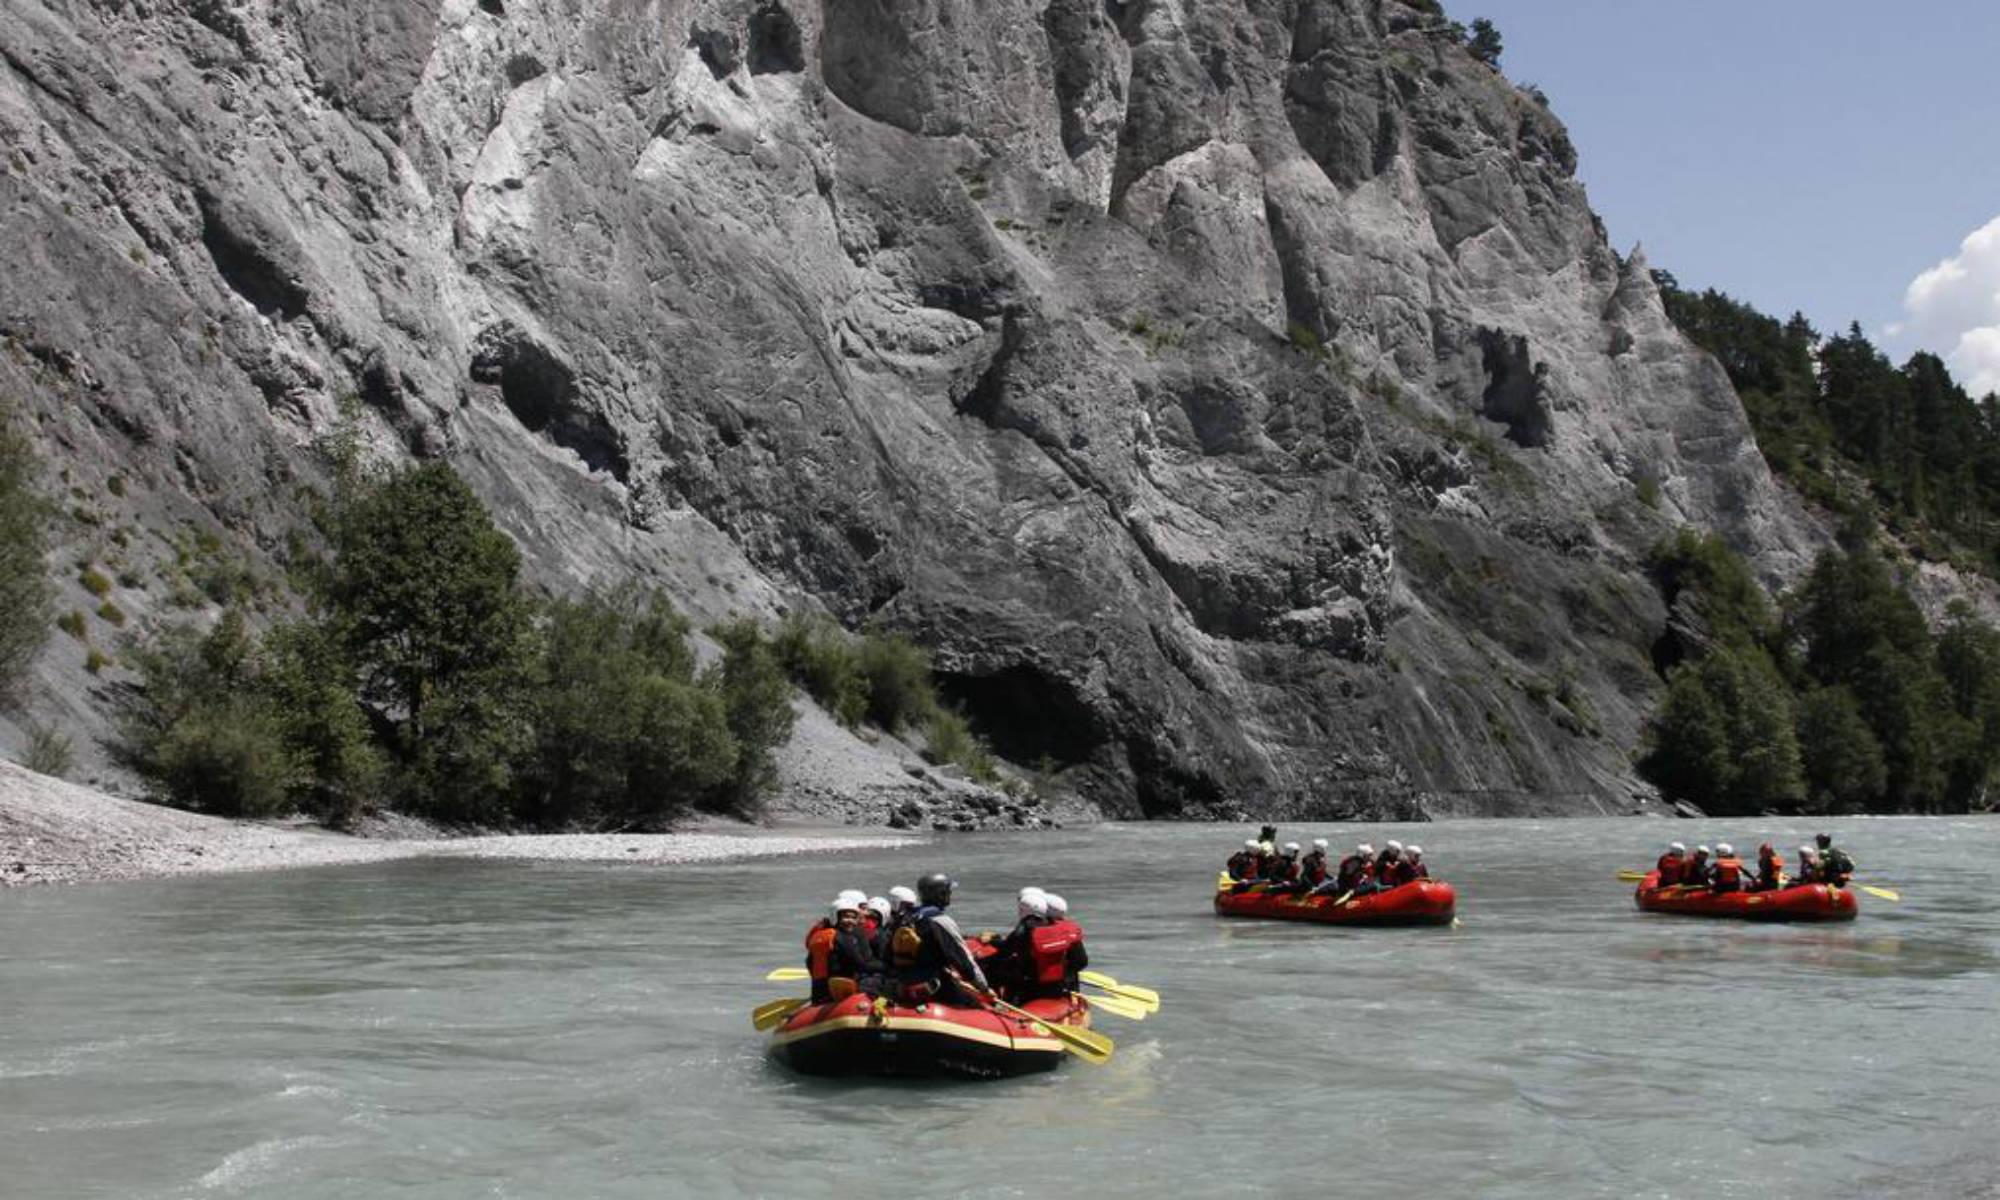 Un gruppo di raft passa vicino ad alte pareti rocciose.